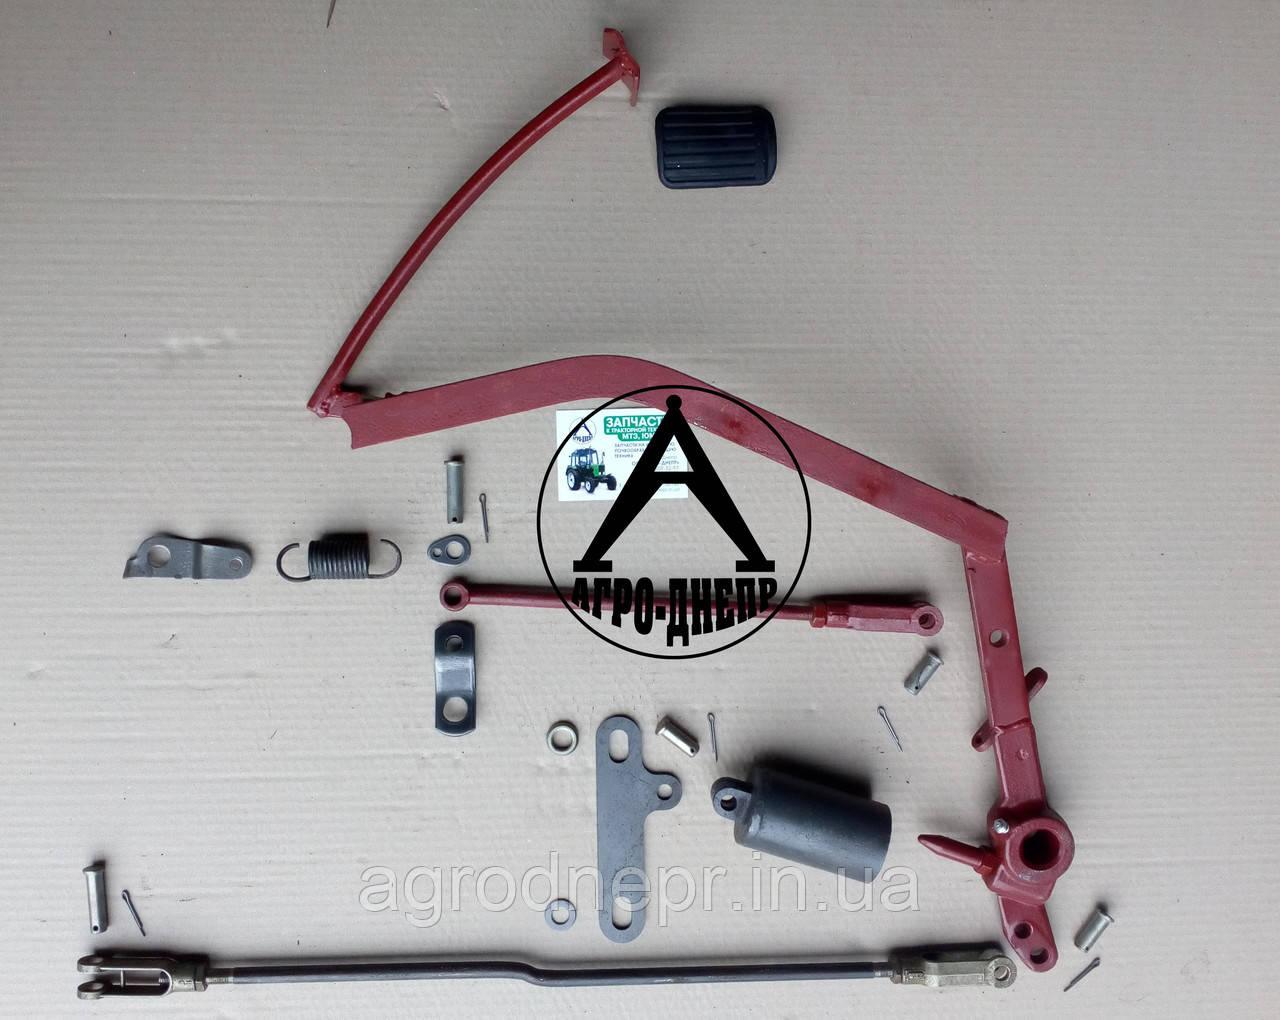 Привод сцепления механический с напольной педалью.